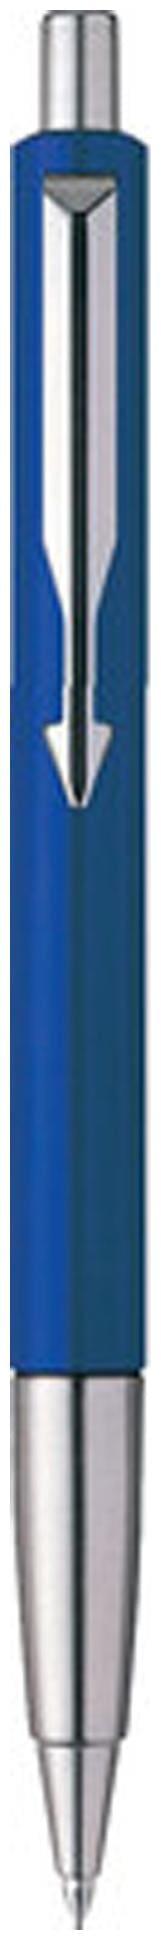 Parker Vector Standard CT Ball Pen